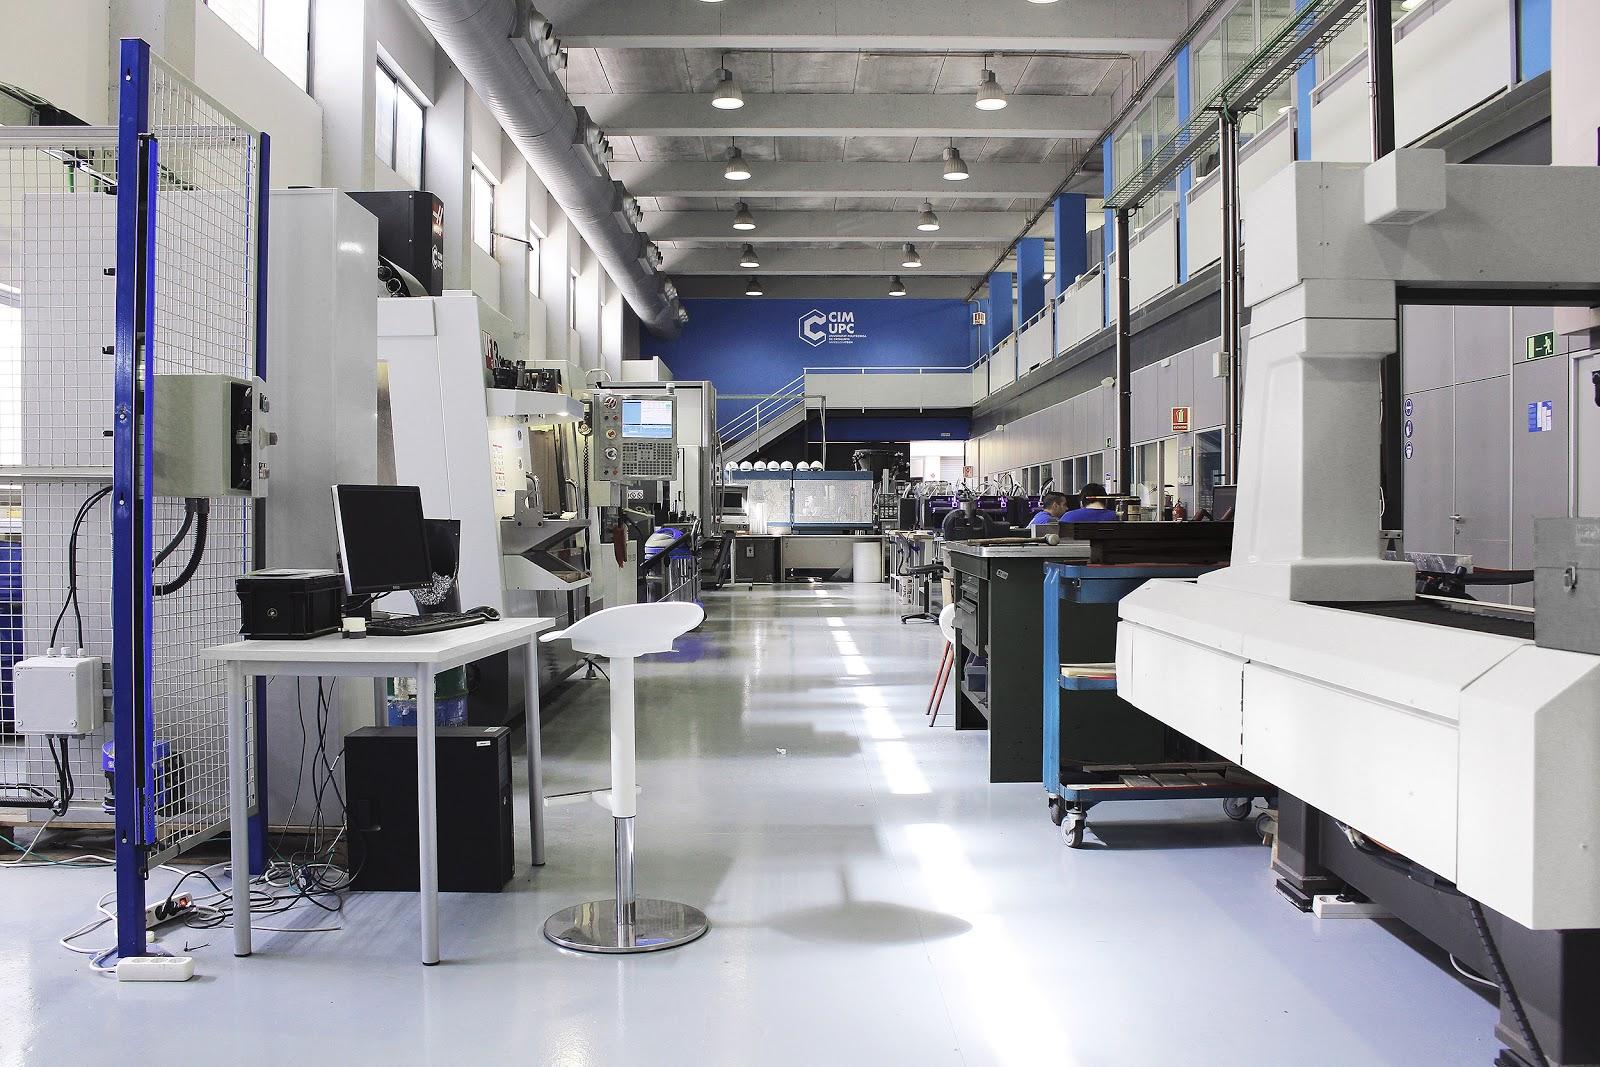 CIM UPC Pilot Plant